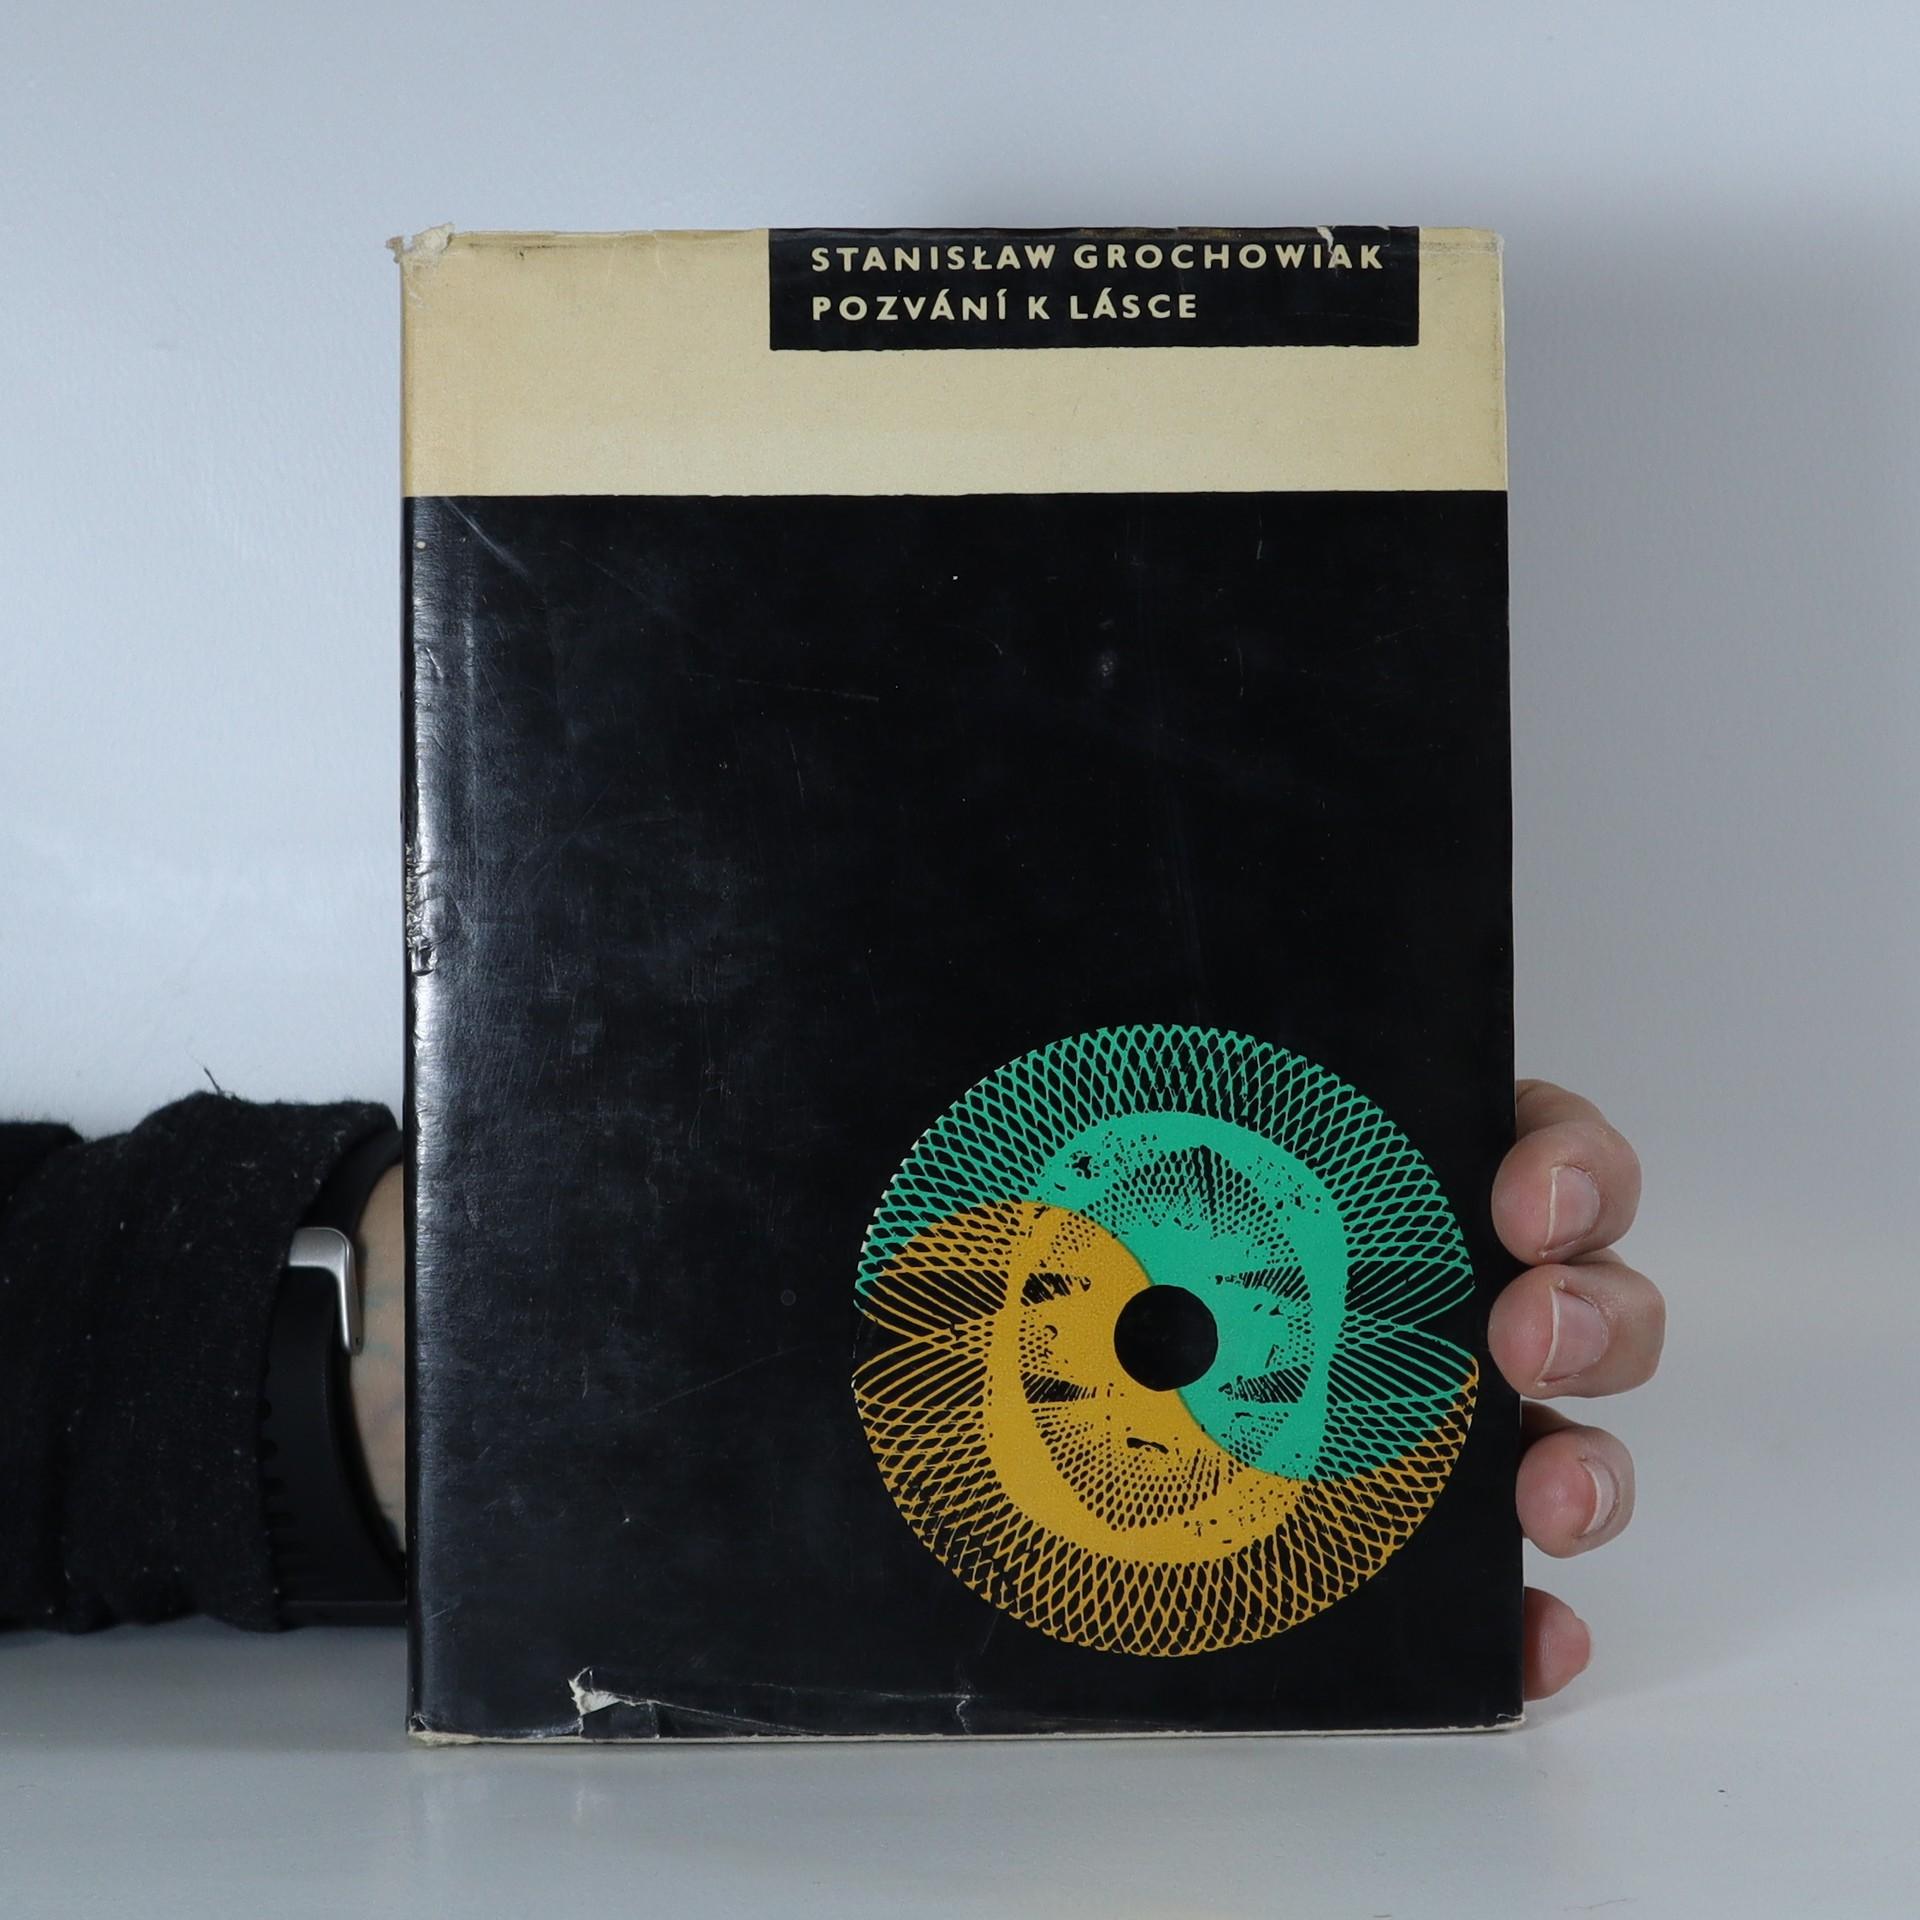 antikvární kniha Pozvání k lásce, 1967